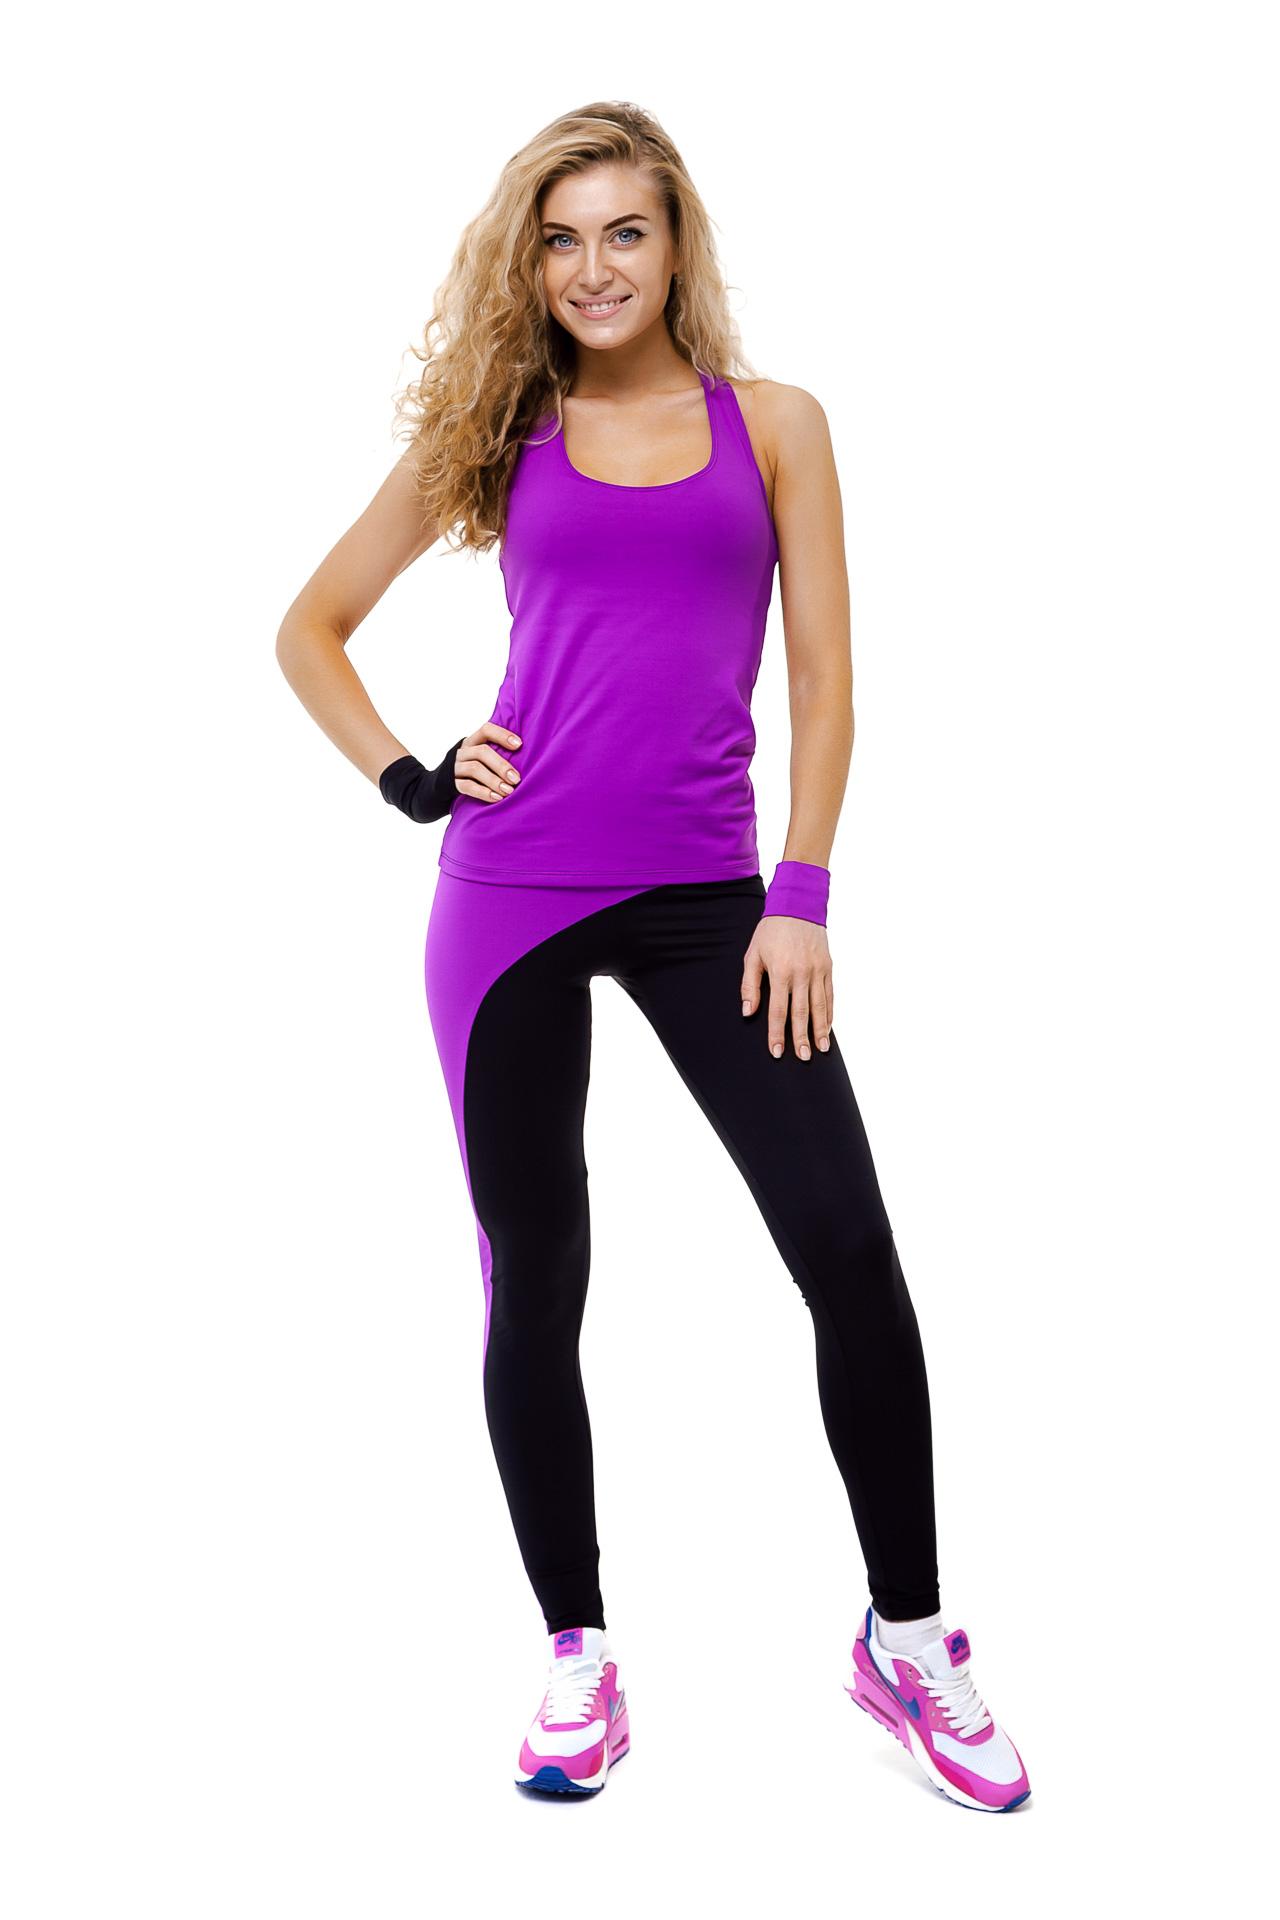 Компрессионная одежда для спорта: спортивные костюмы для ... Гетры Для Спорта